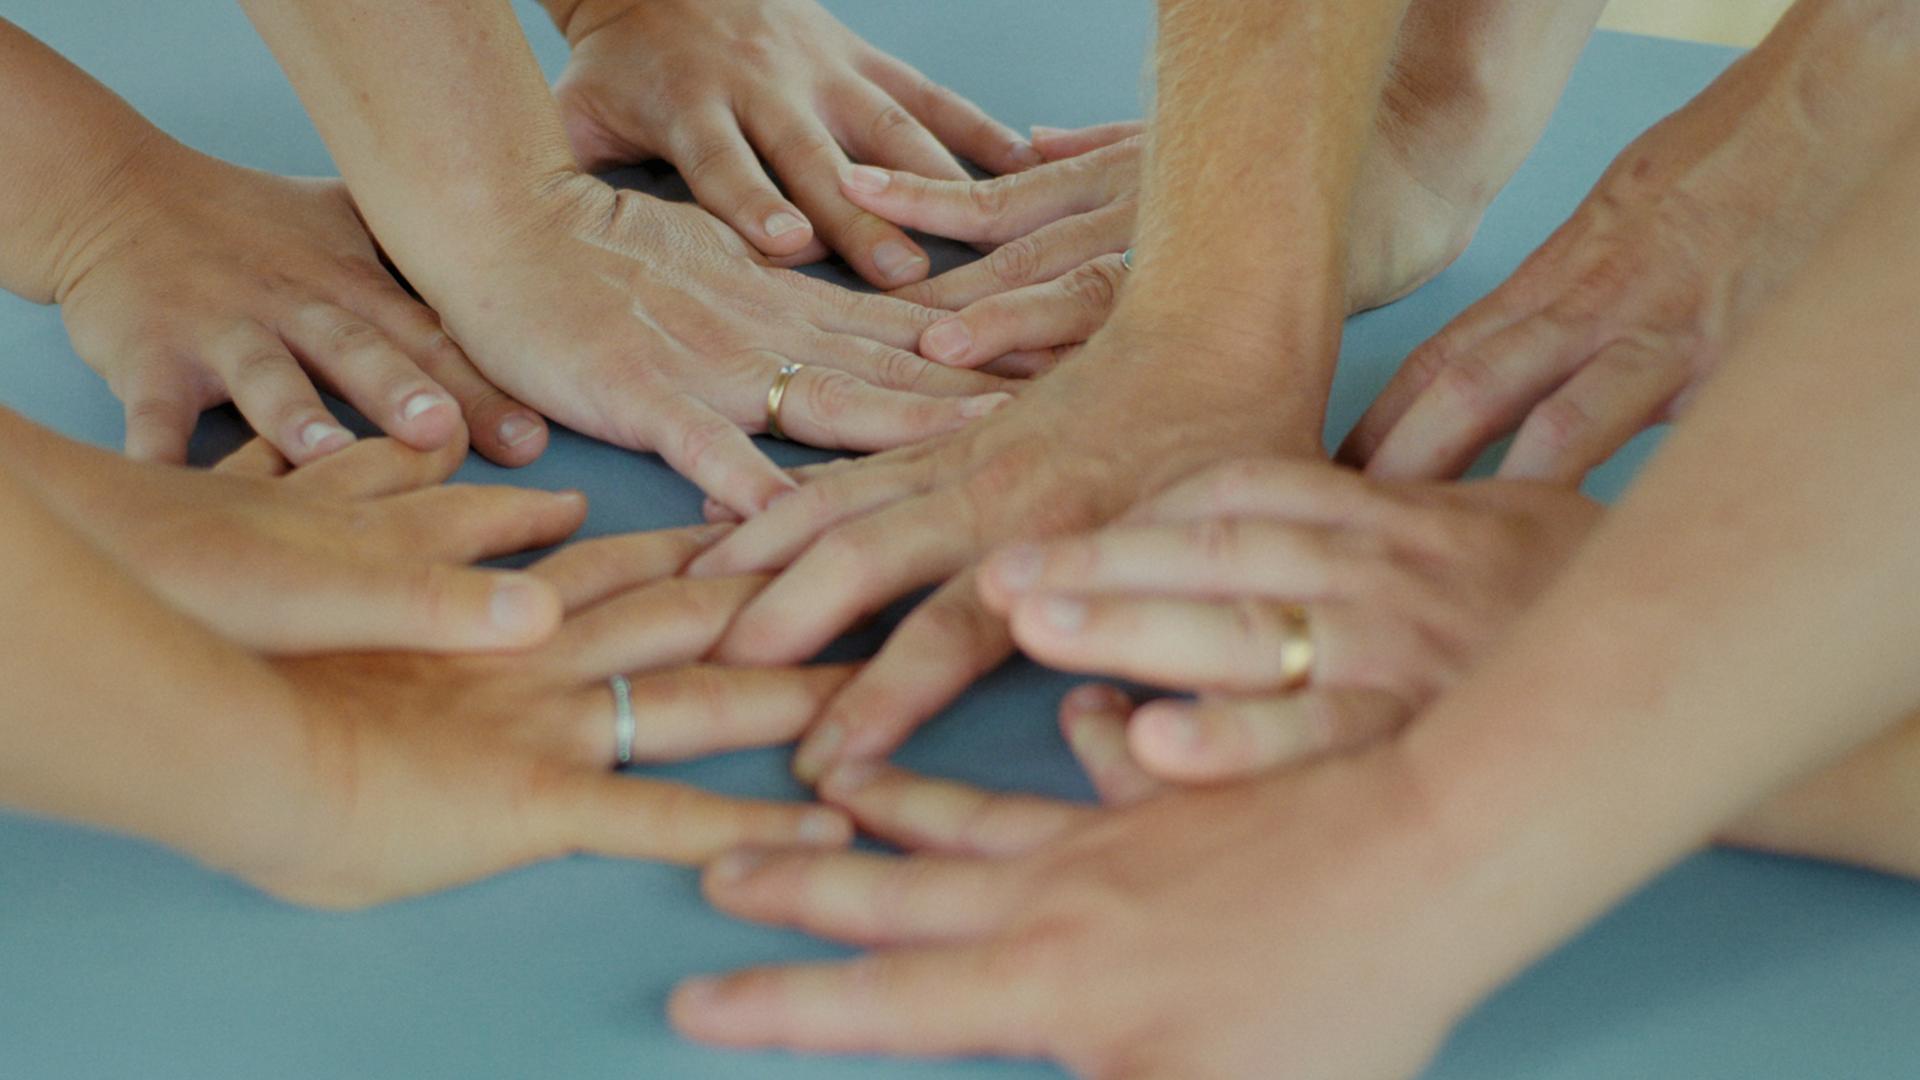 Tien handen leunen verstrengeld op een lichtblauwe ondergrond.